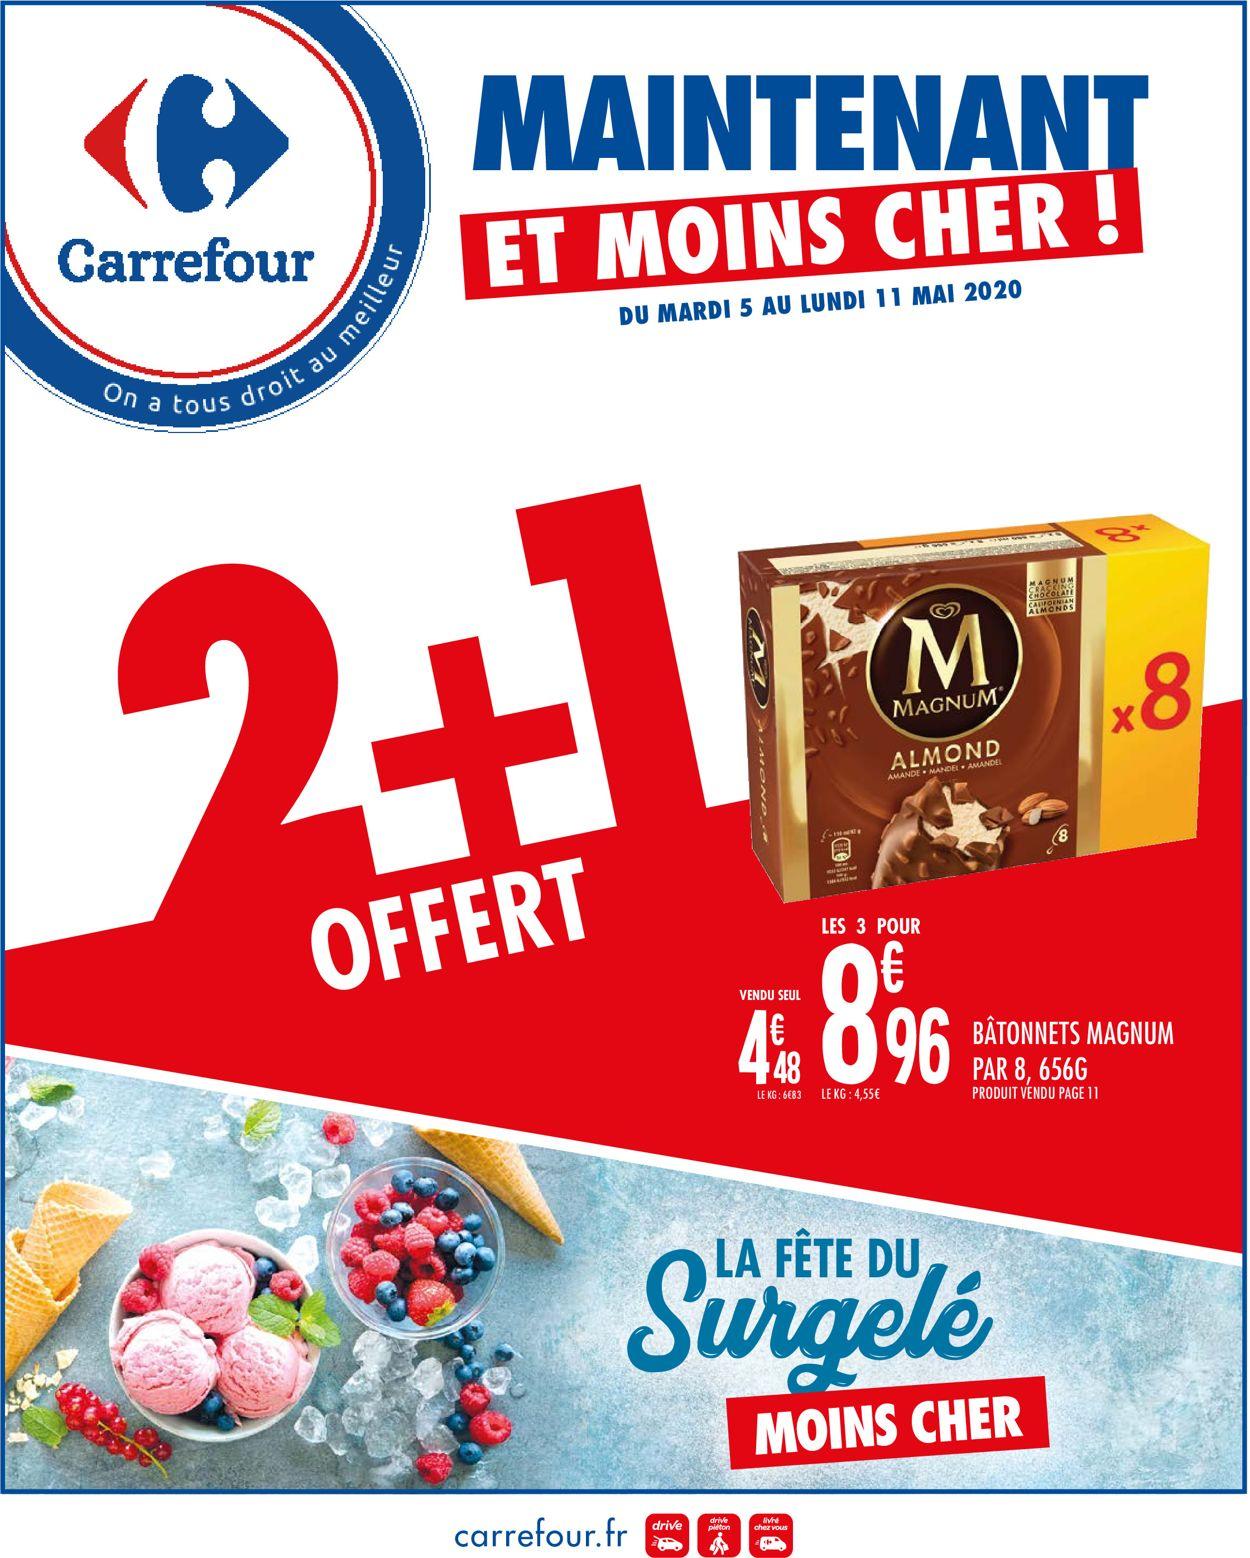 Carrefour Catalogue - 05.05-11.05.2020